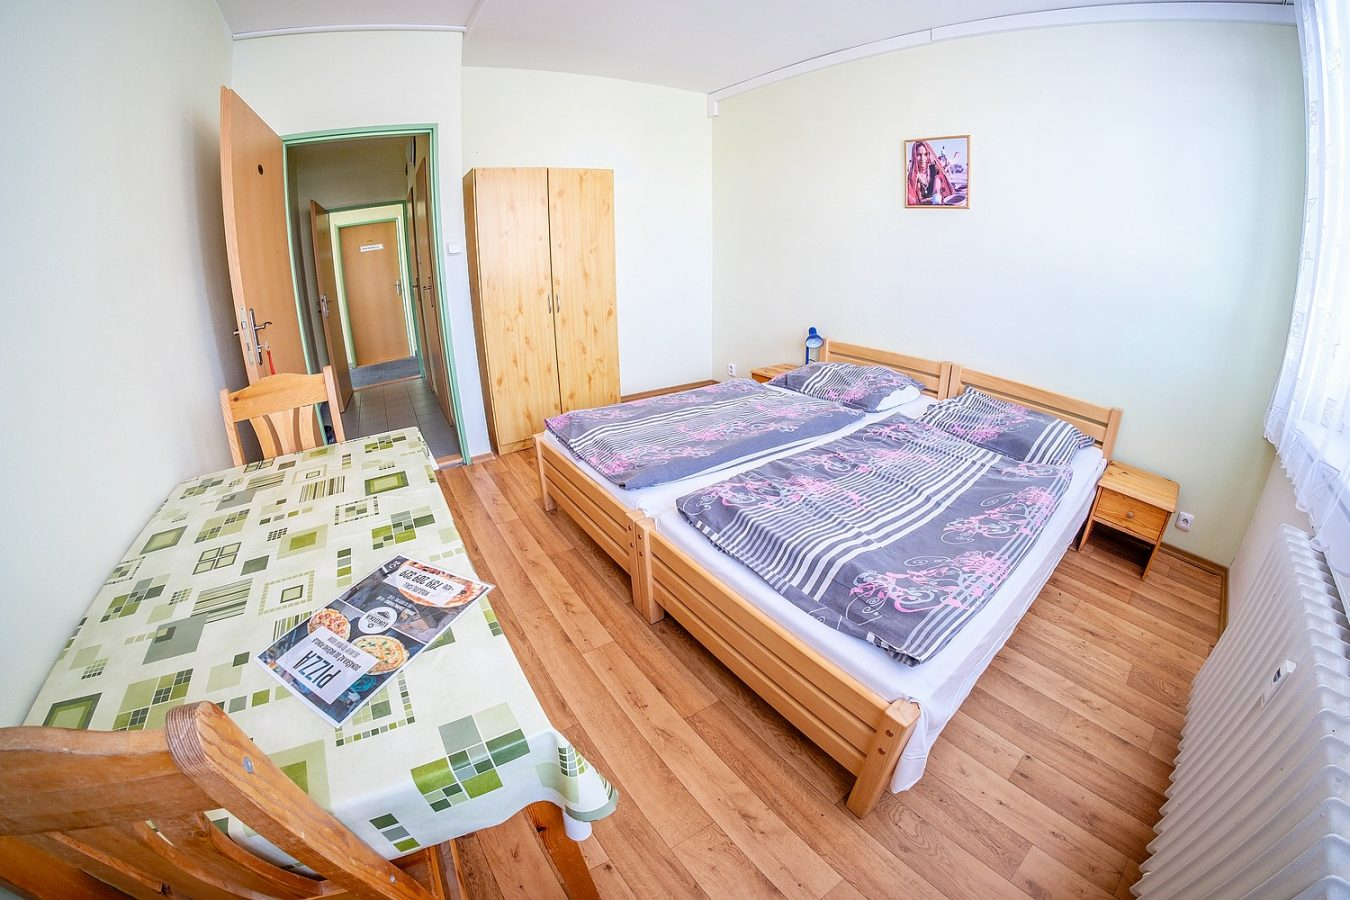 Dvoulůžkový pokoj – Ubytovna U Nádraží – Levné ubytování v Českých Budějovicích